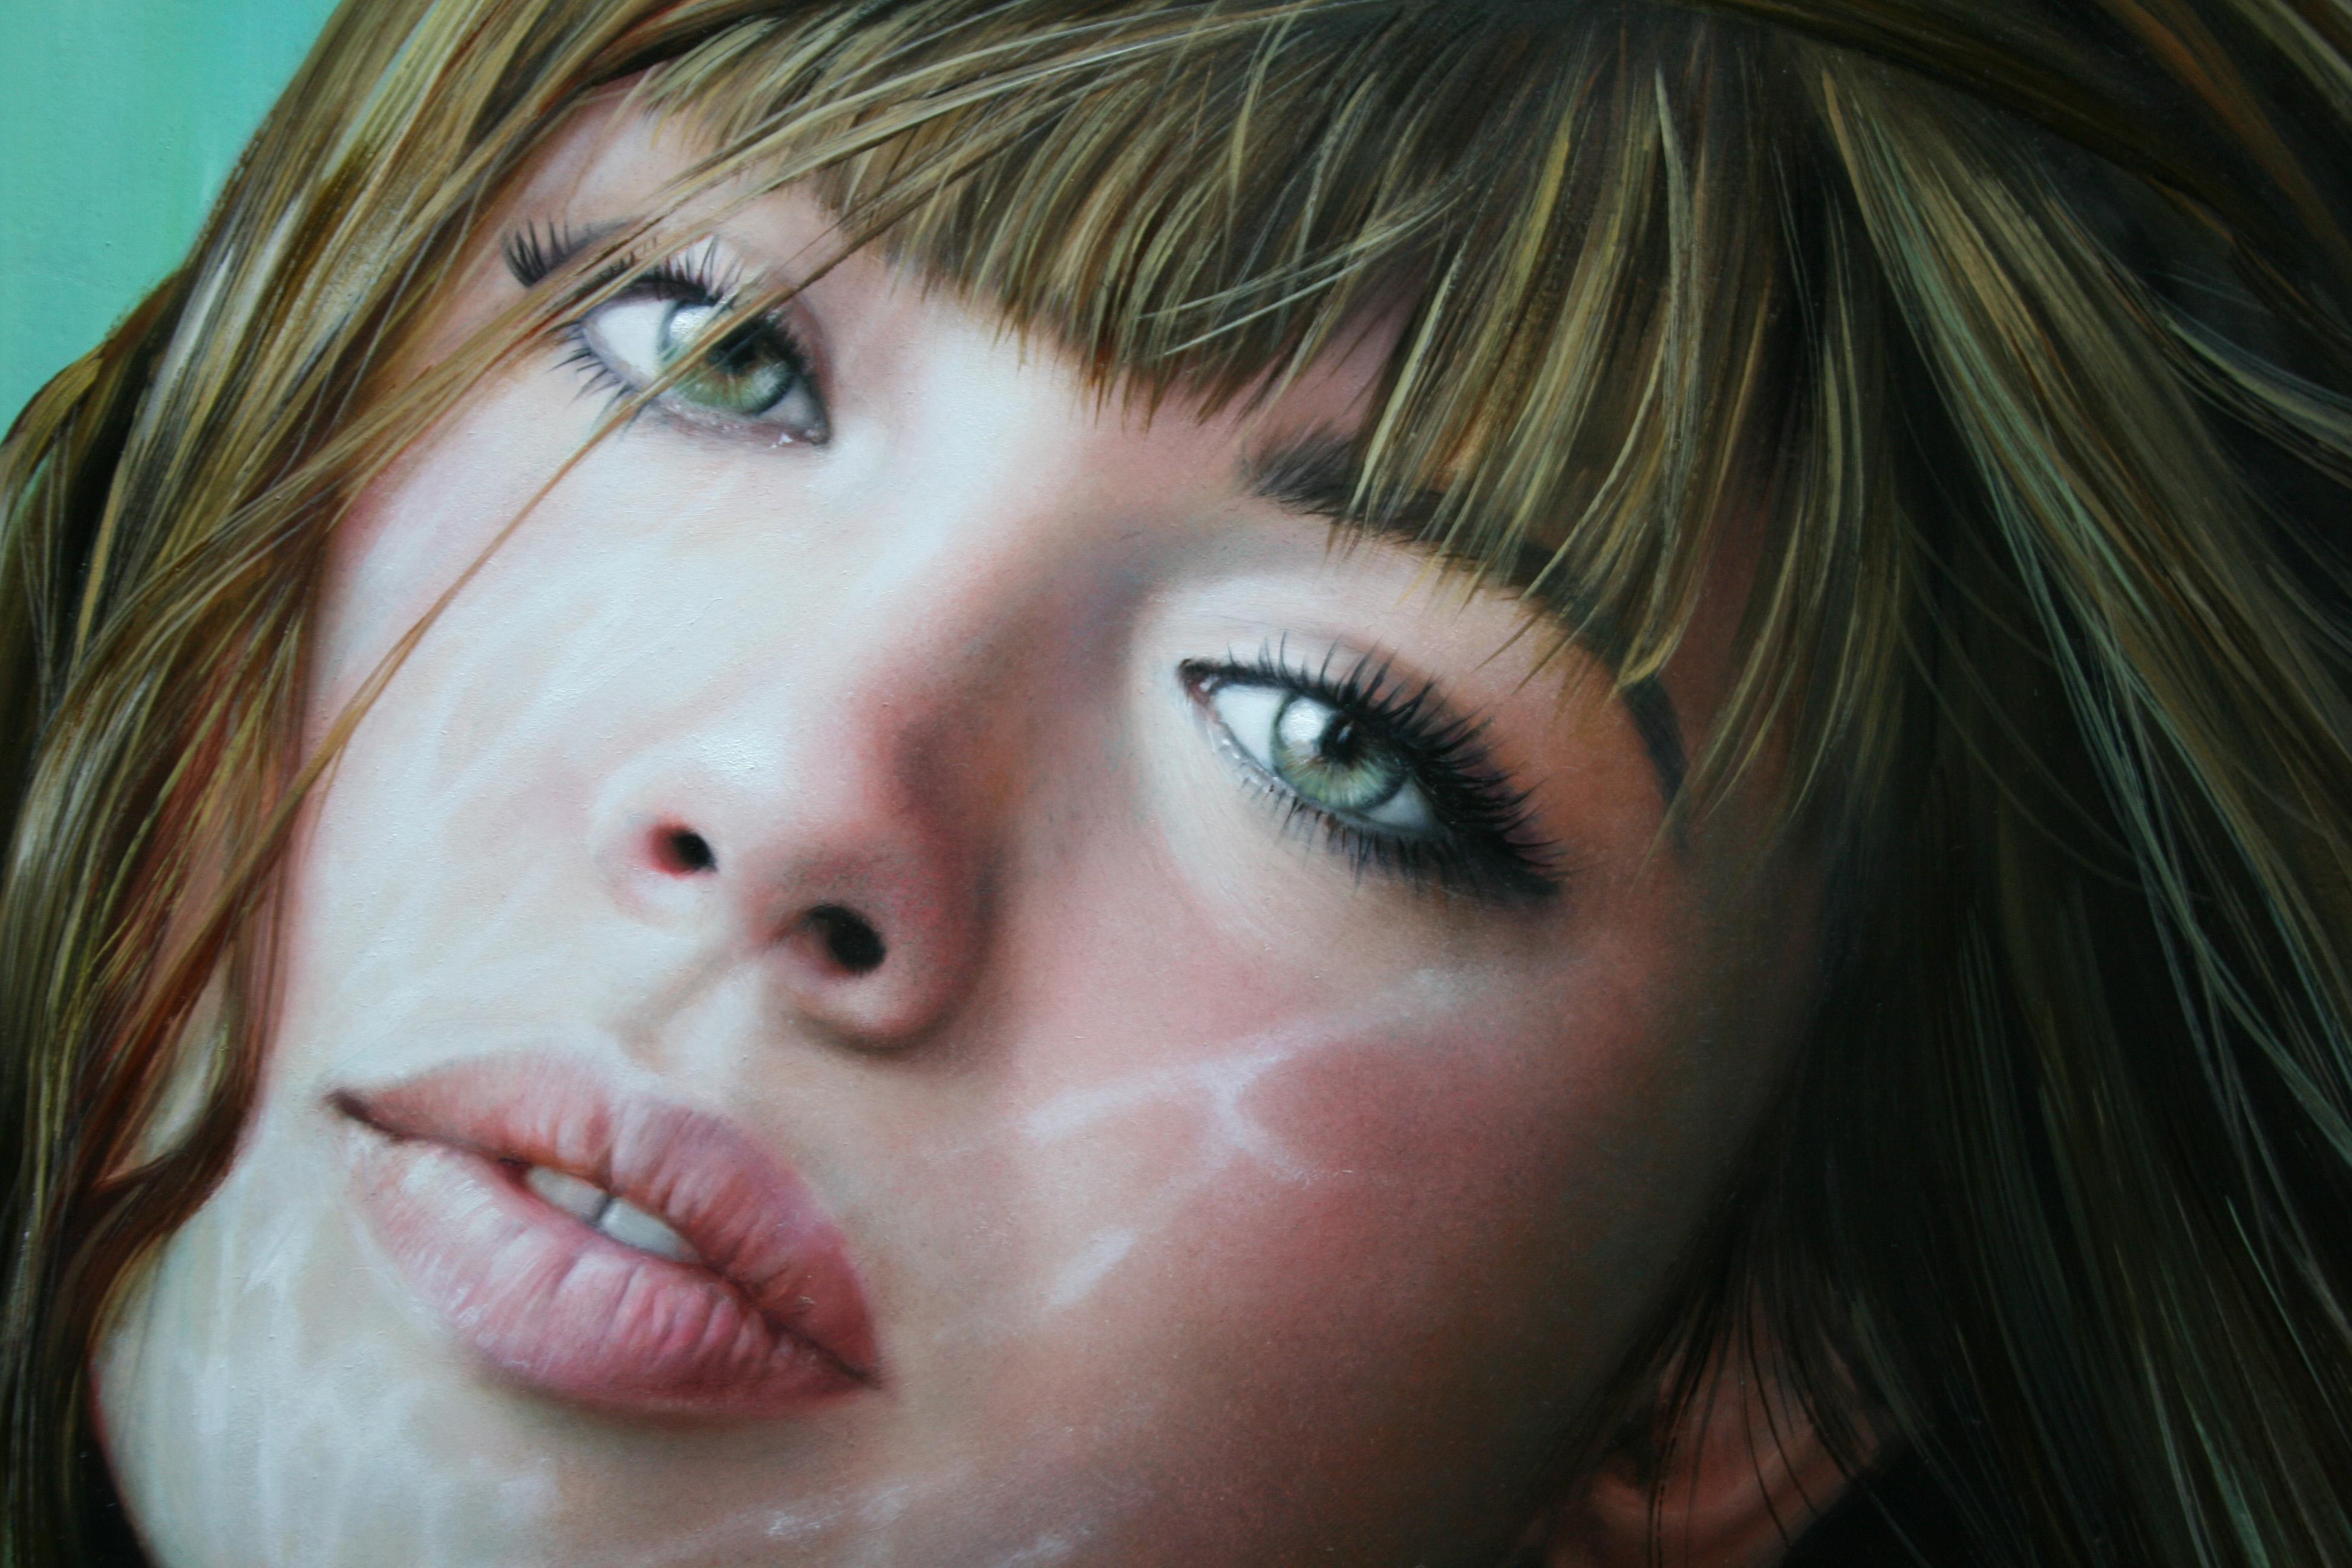 девушка губы лицо взгляд скачать